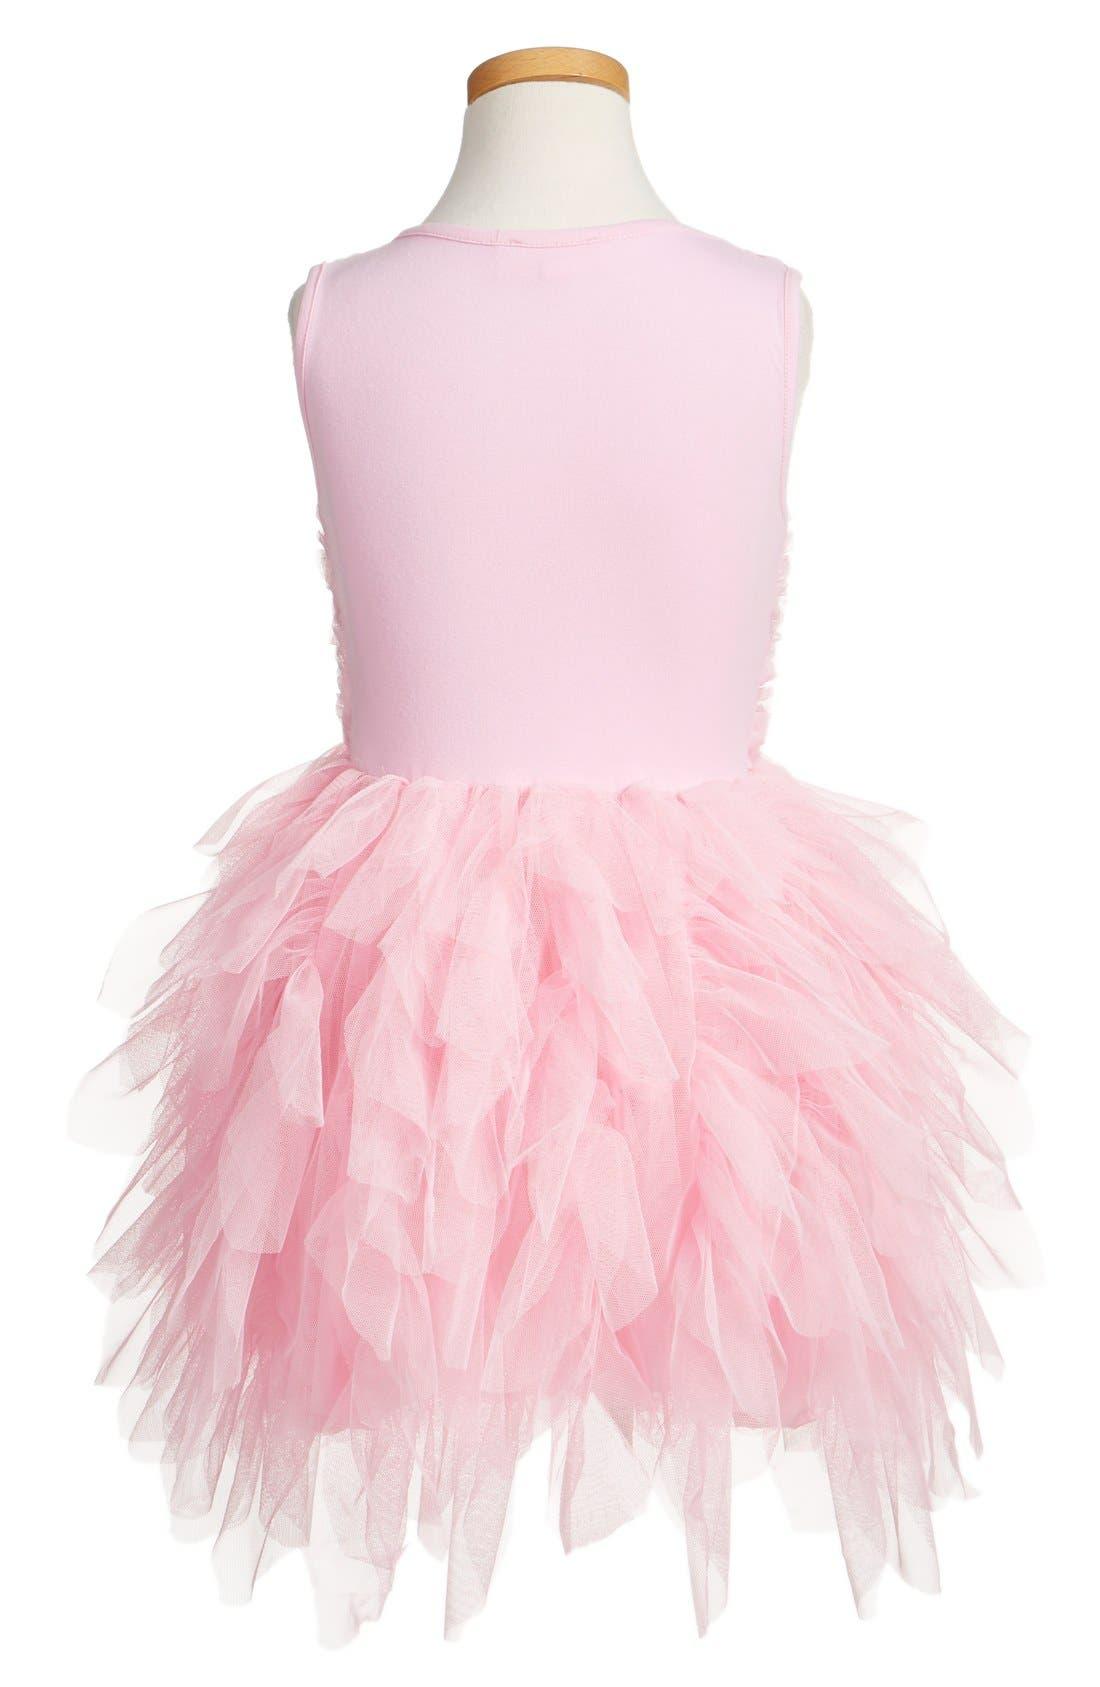 Ribbon Rosette Sleeveless Tulle Dress,                             Alternate thumbnail 2, color,                             Pink